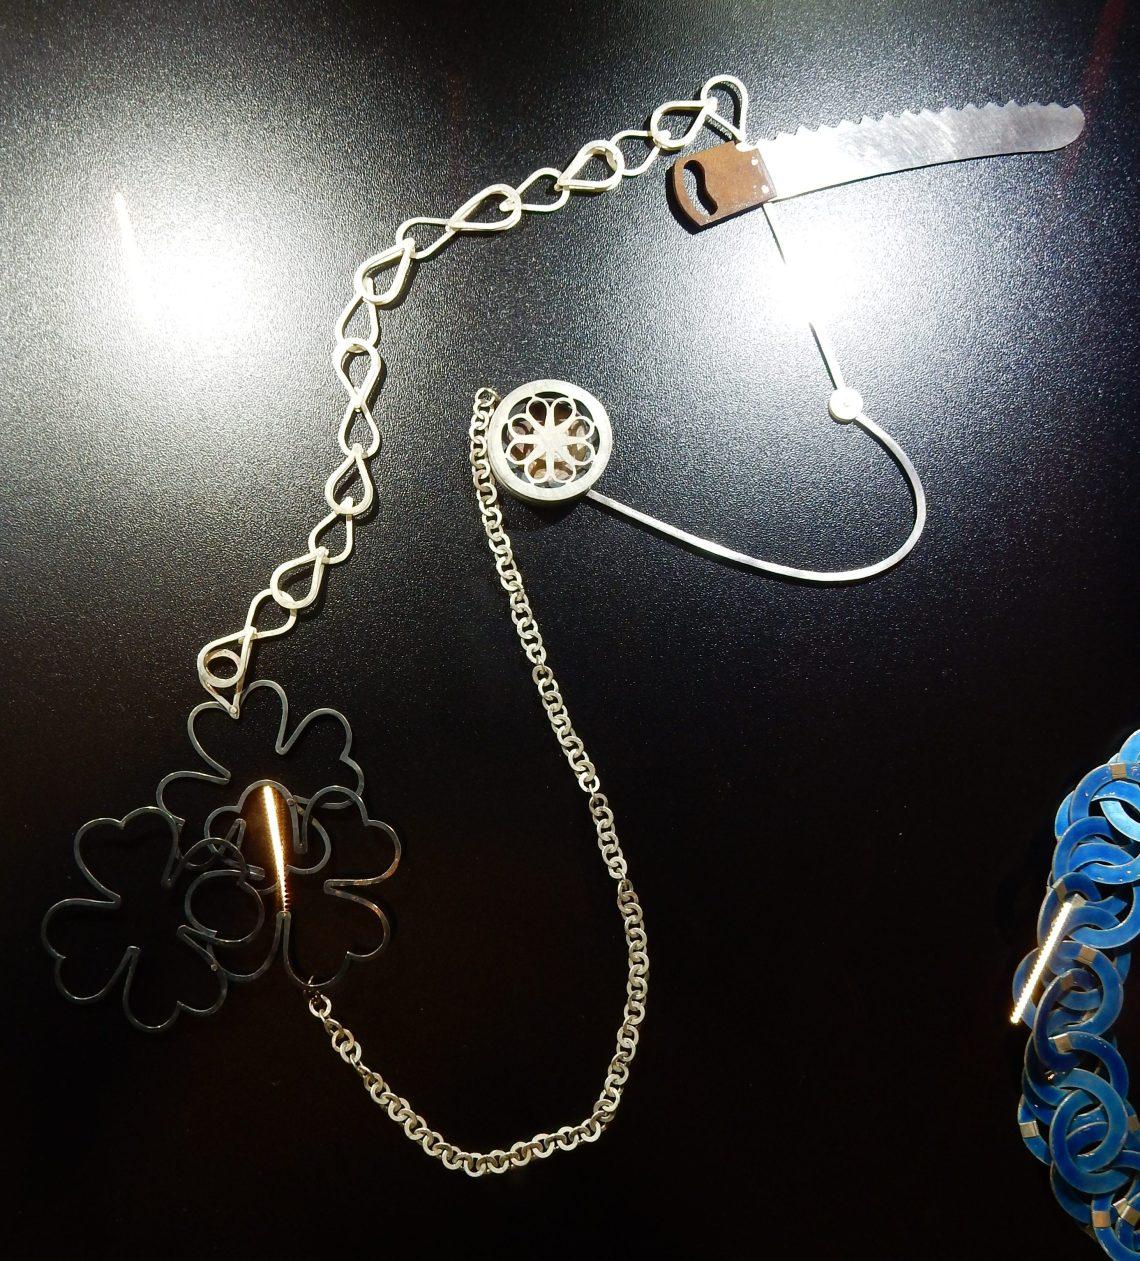 Lucy Sarneel, halssieraad, 1993. Collectie Claartje Keur. Schakels, Composities, SAF 2018. Foto Esther Doornbusch, CC BY 4.0